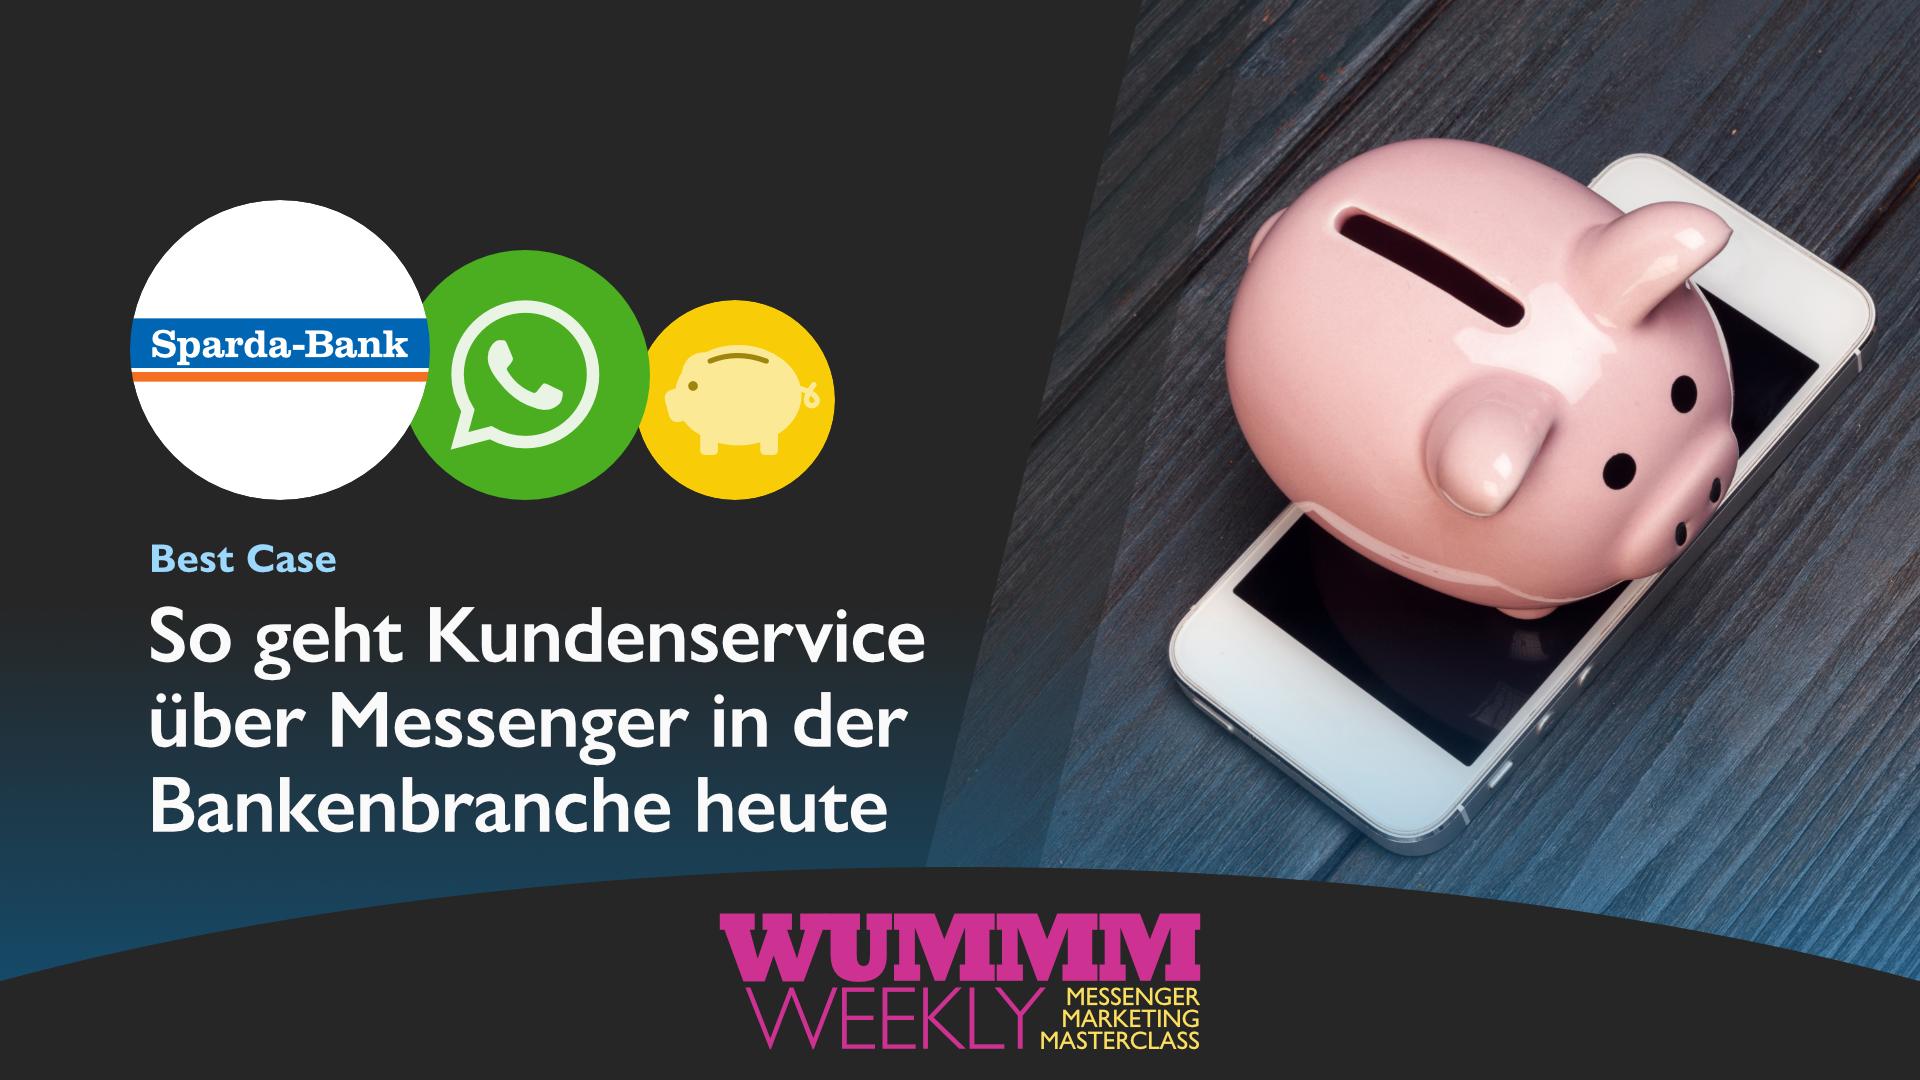 Wummm-weekly, Logo Sparda Bank, Logo WhatsApp, Best Case, Kundenservice in der Bankenbranche